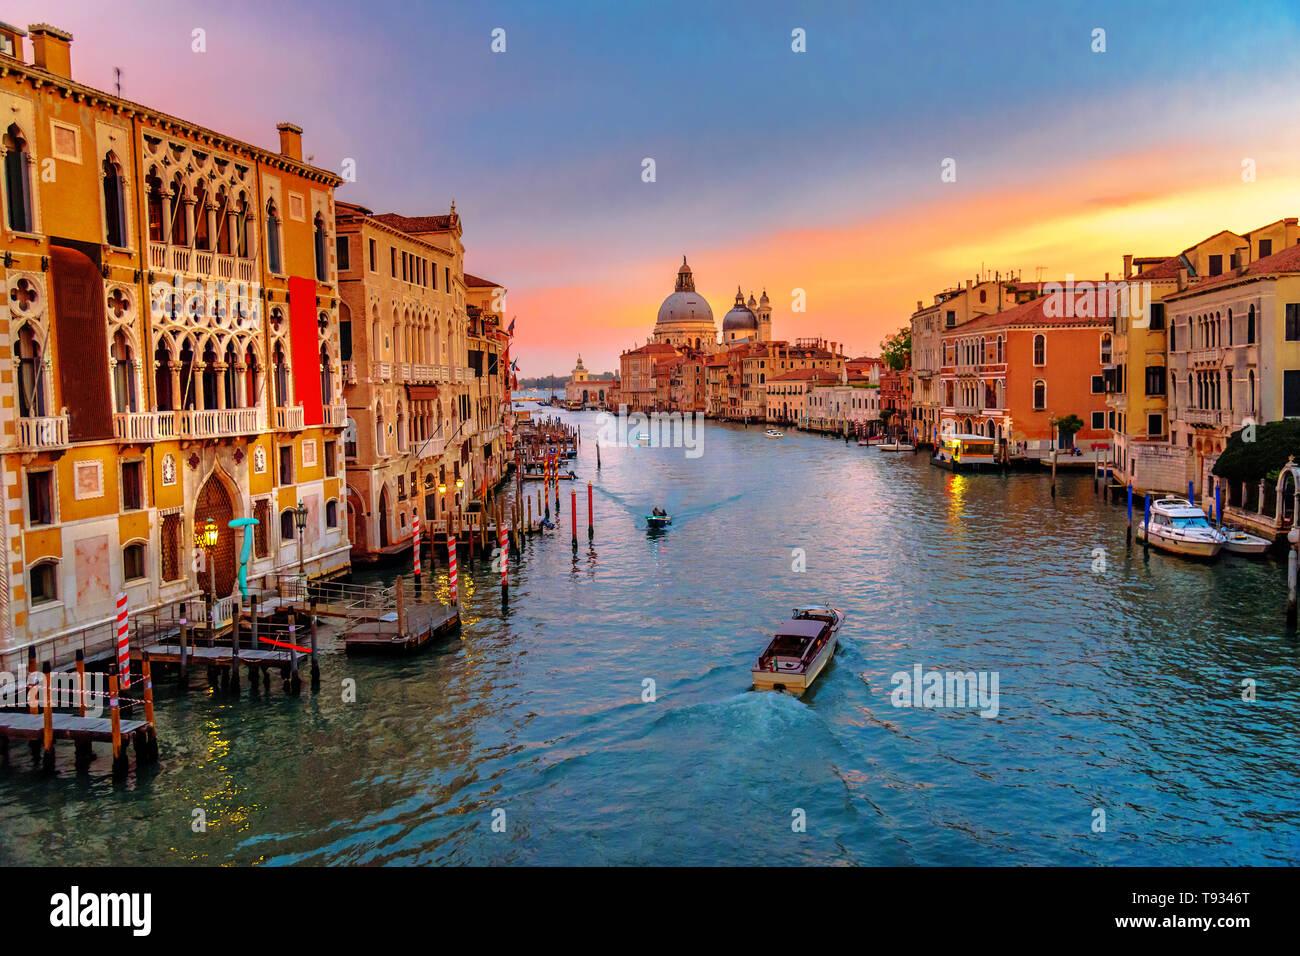 Vista del Canal Grande dal Ponte dell'Accademia sul tramonto a Venezia. Italia Foto Stock